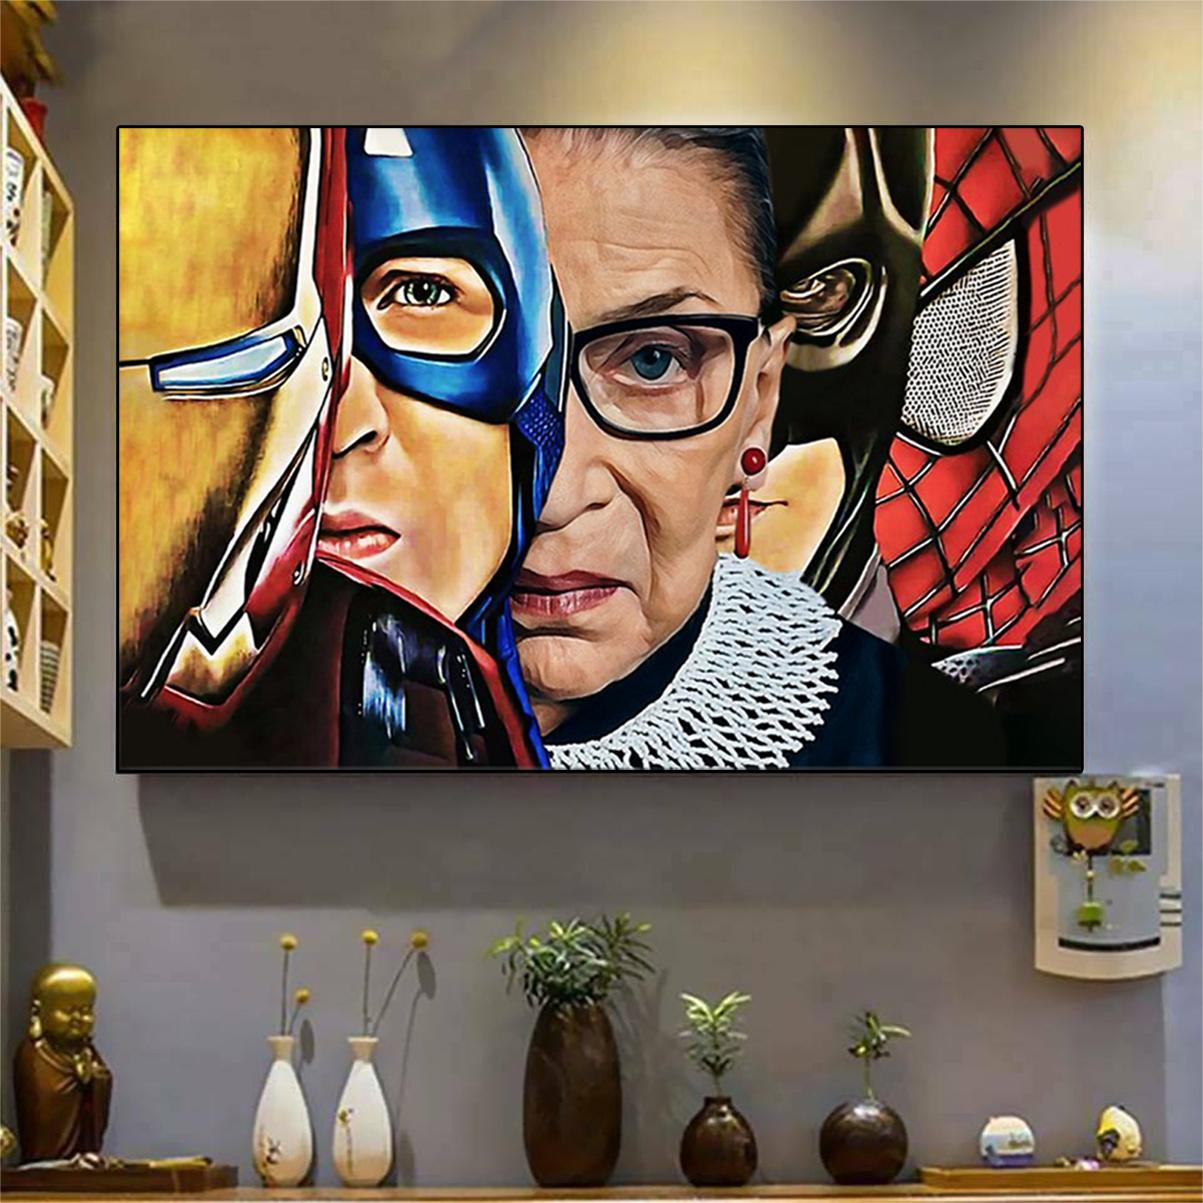 Ruth bader ginsburg superheroes poster A3